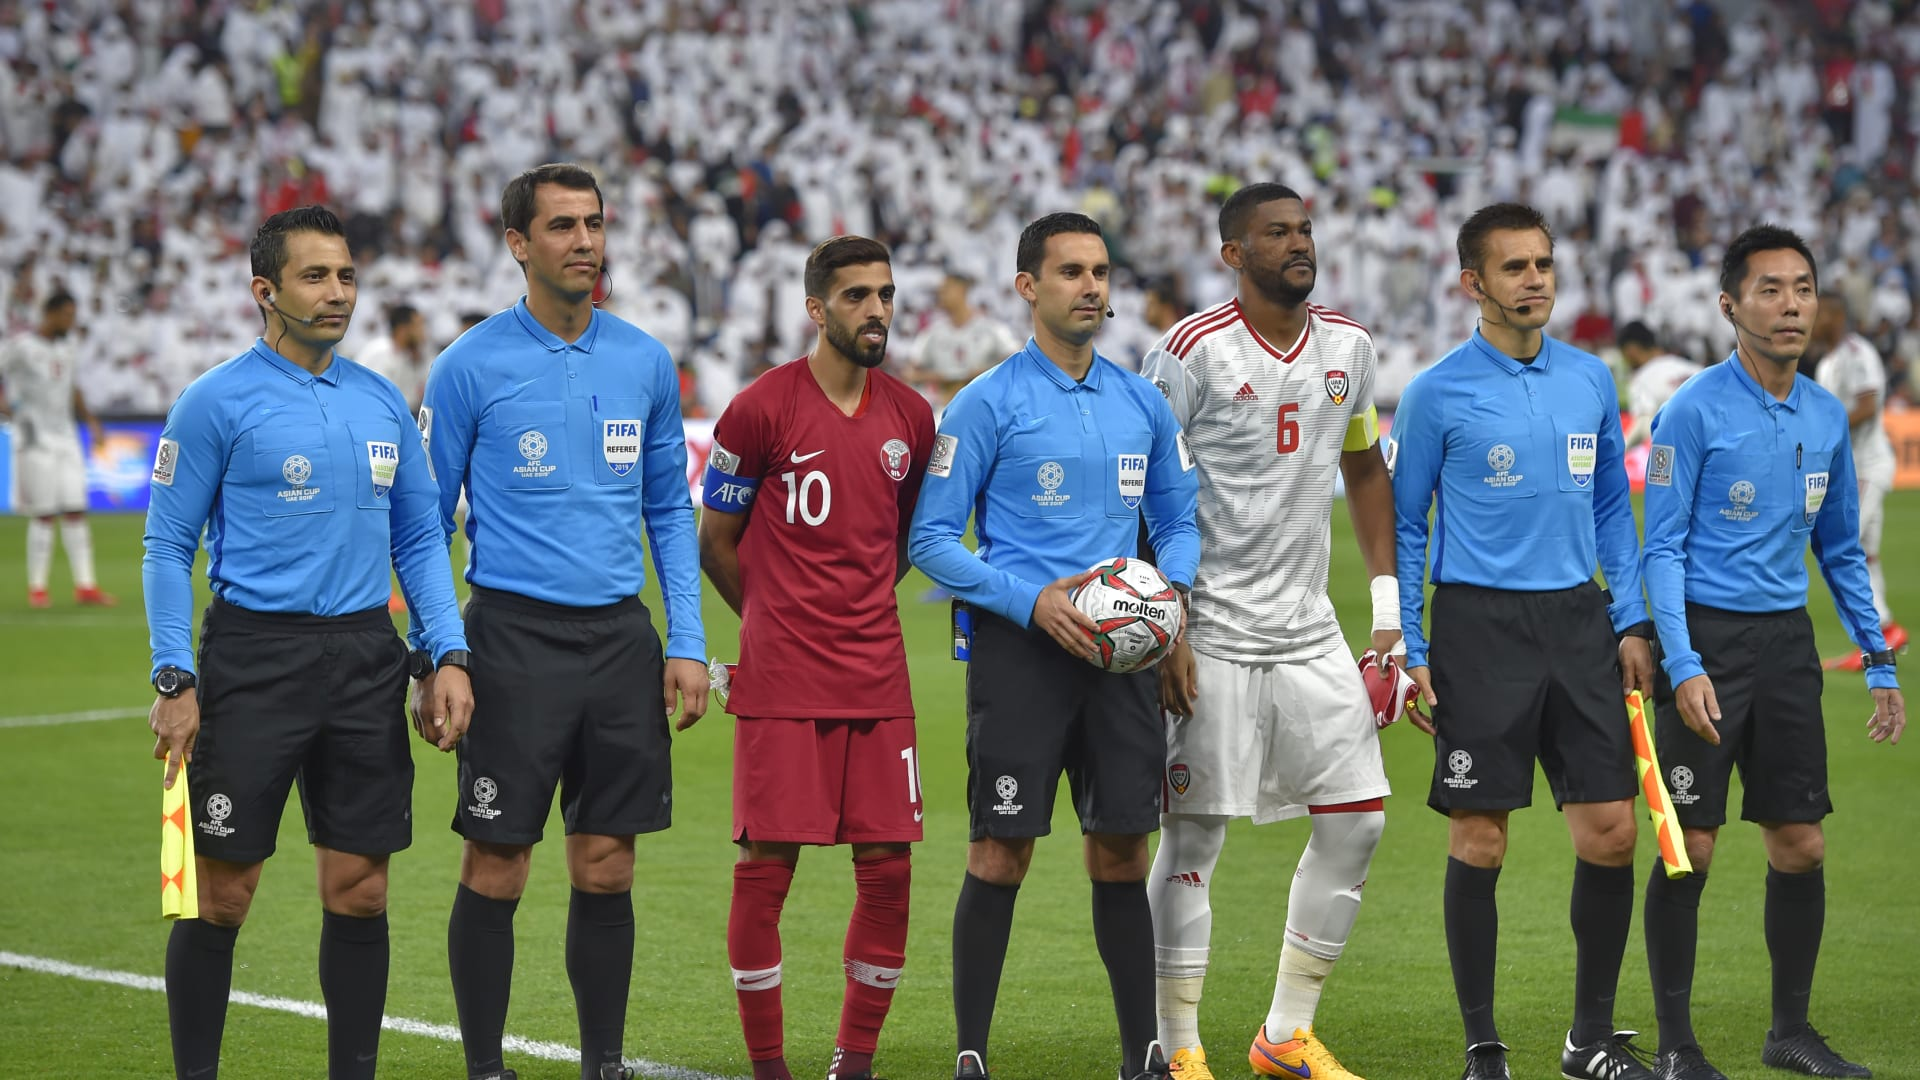 تعرّف على تقييم منتخبك في كأس آسيا حتى الآن